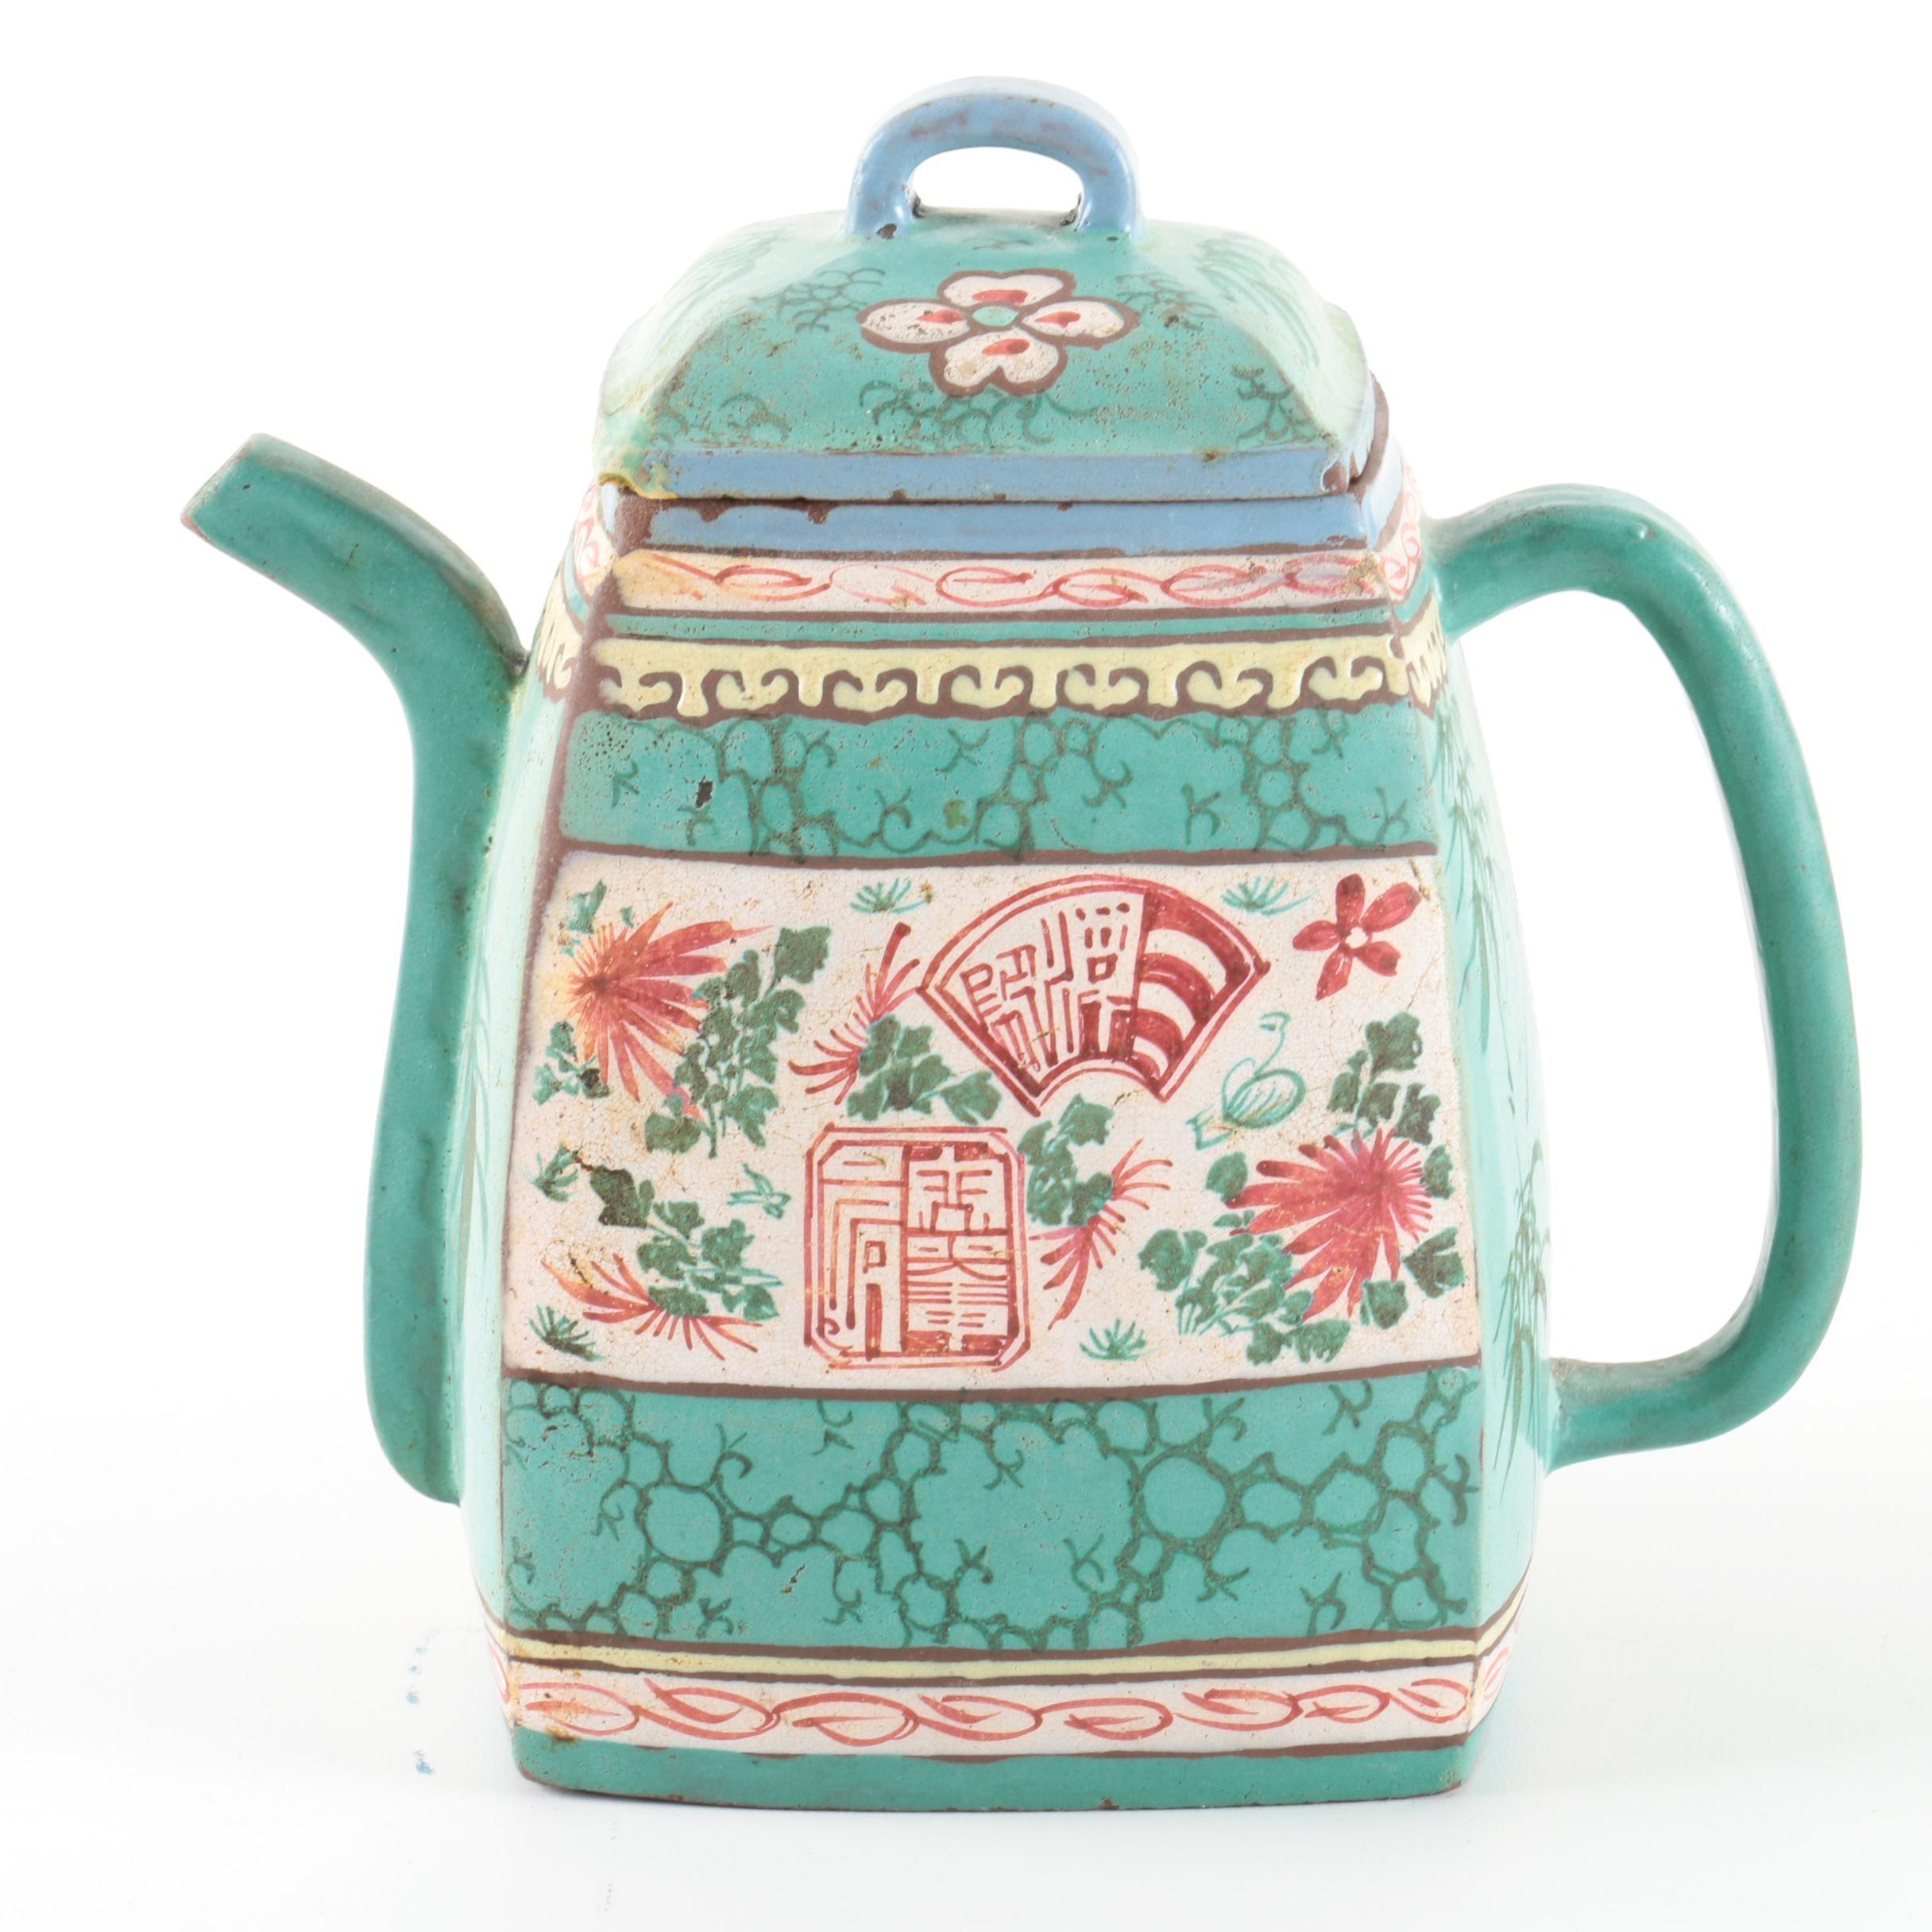 East Asian Earthenware Teapot